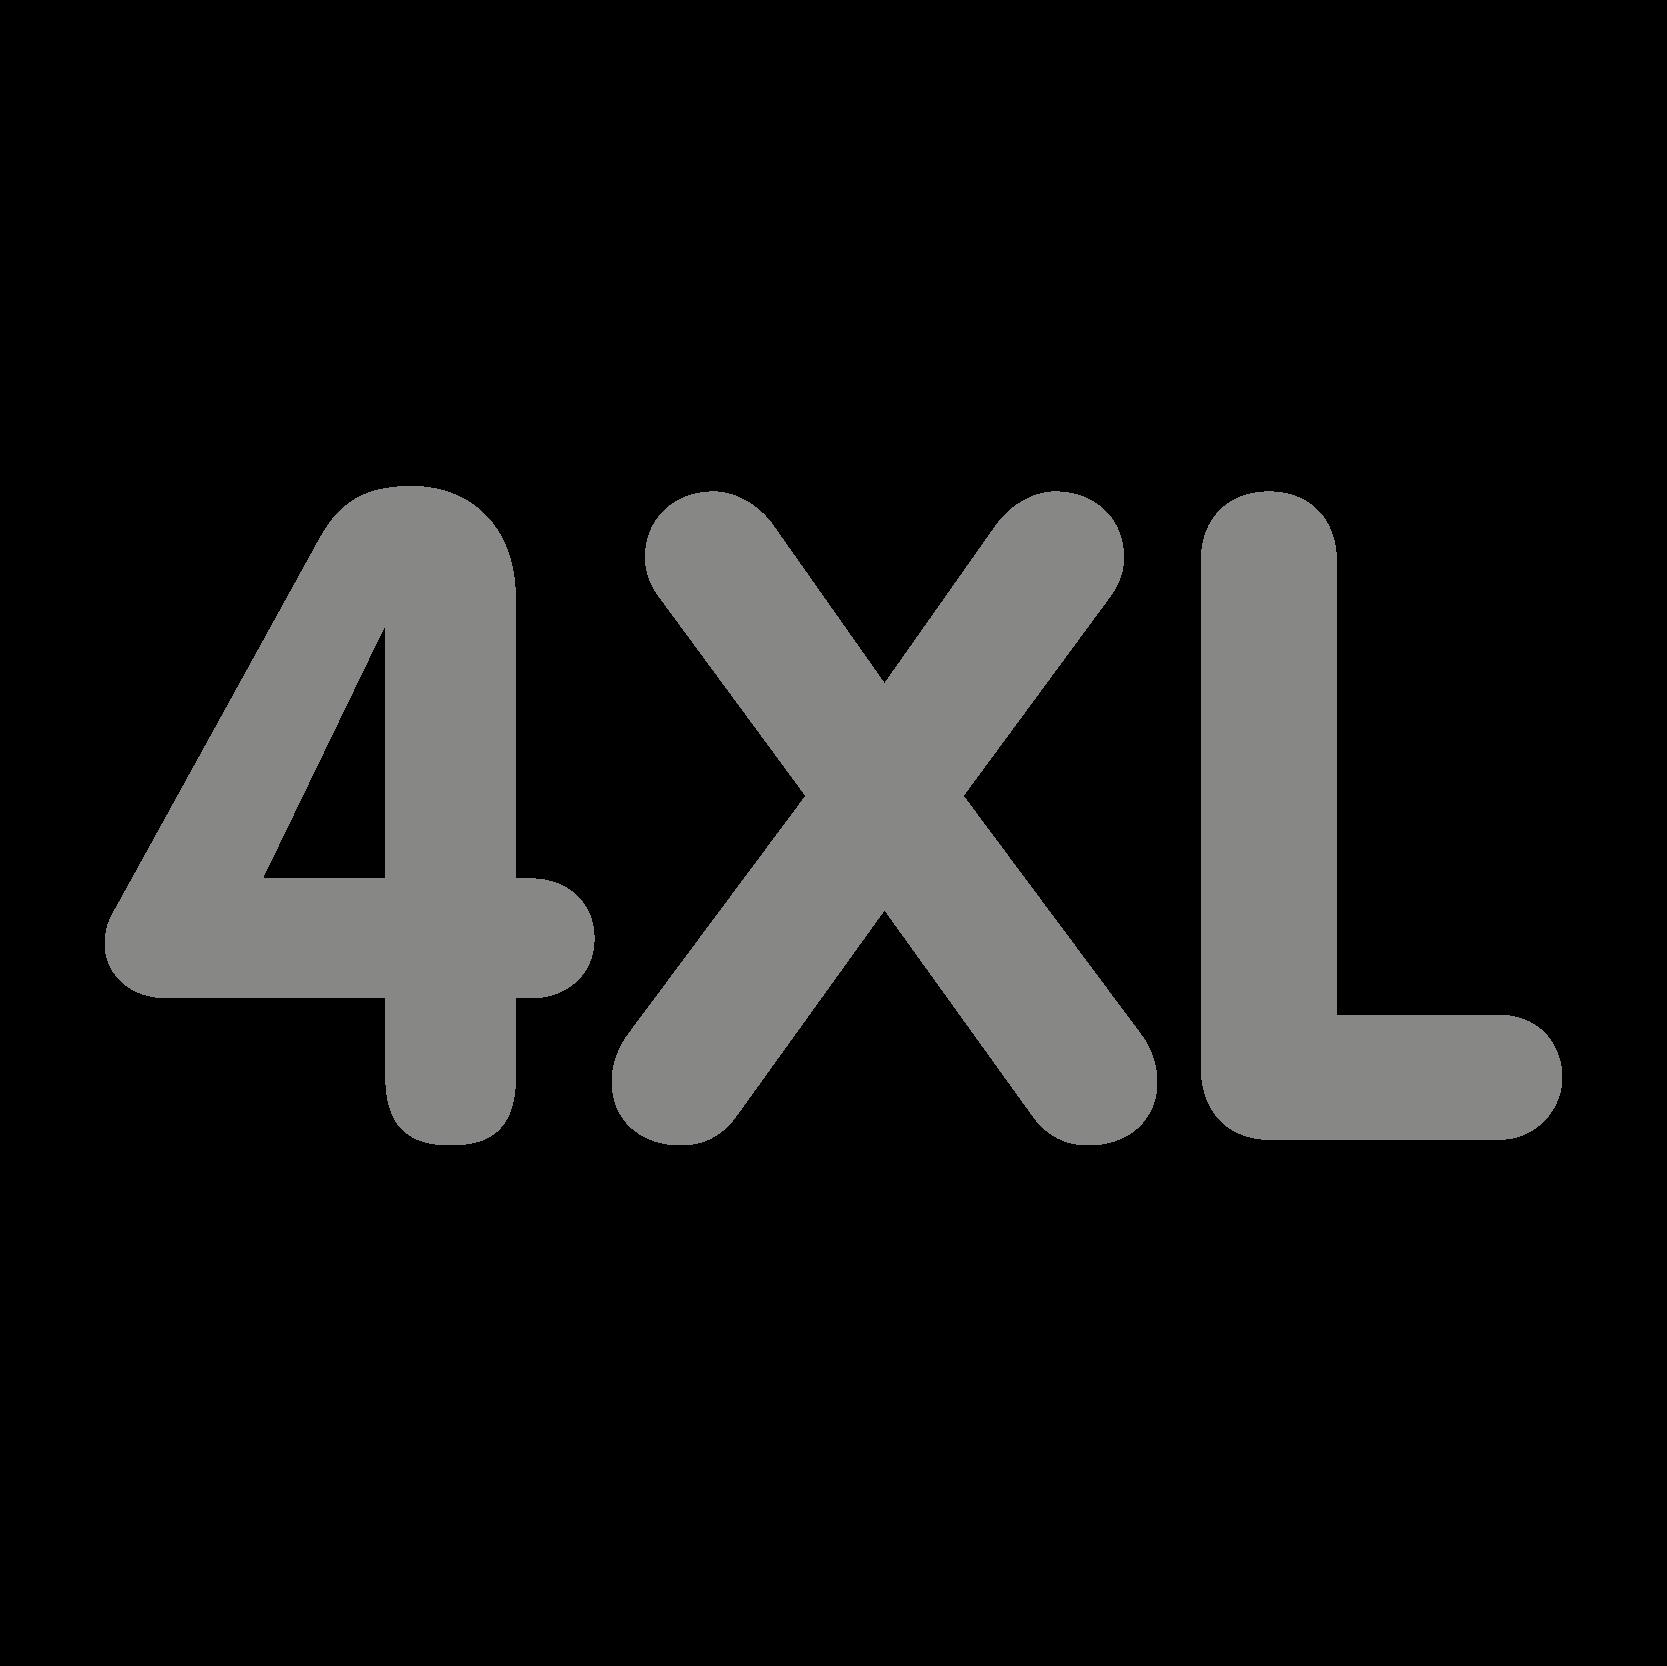 New size 4XL